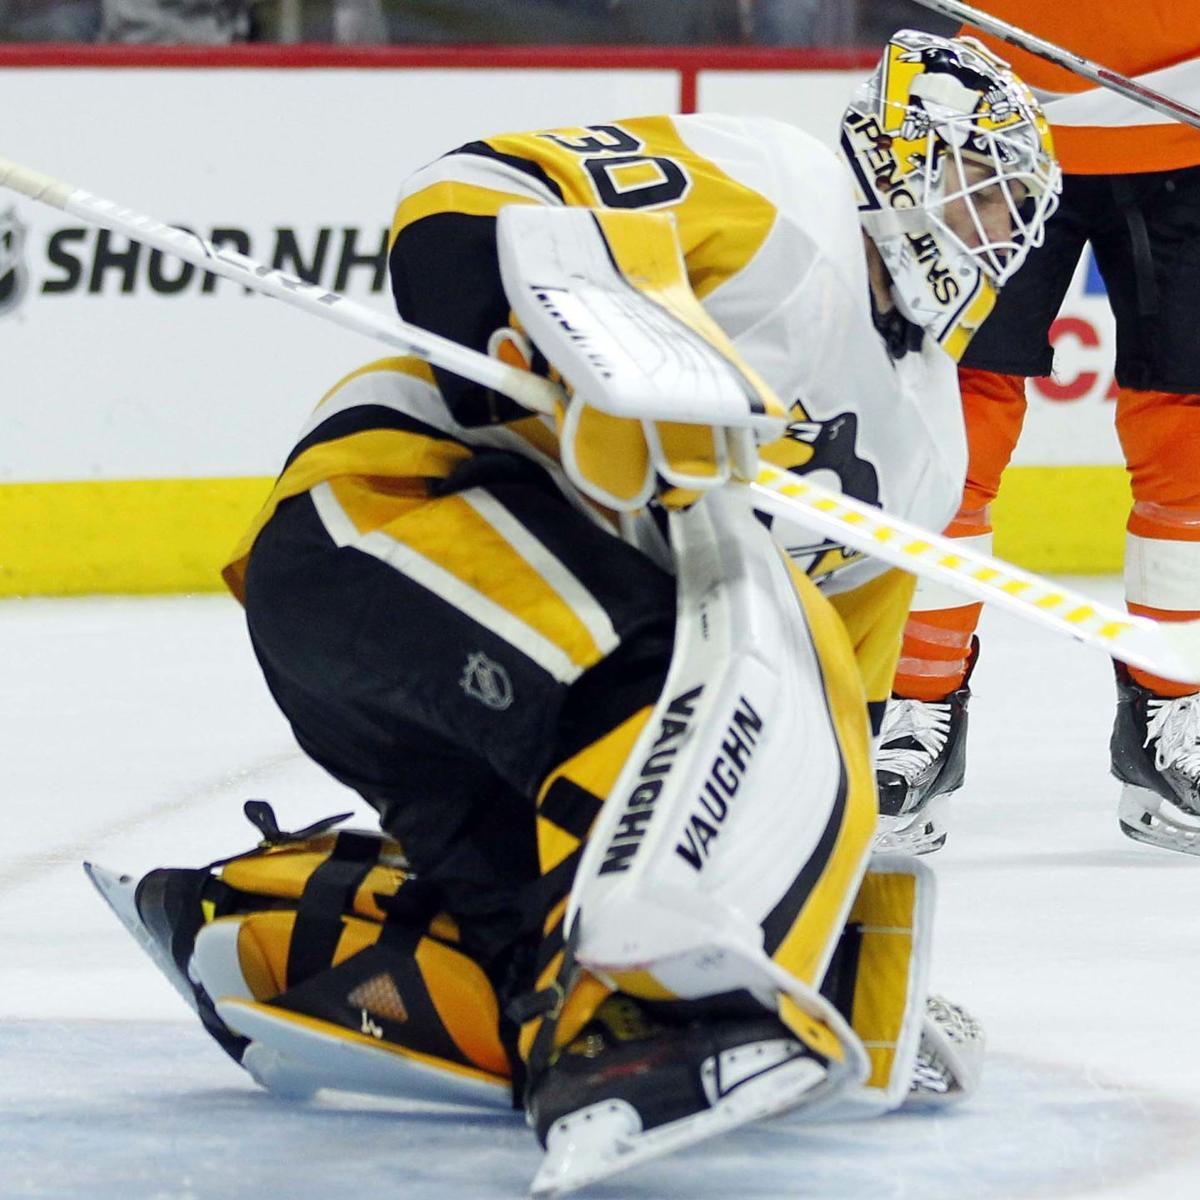 Penguins rout Flyers, 5-1